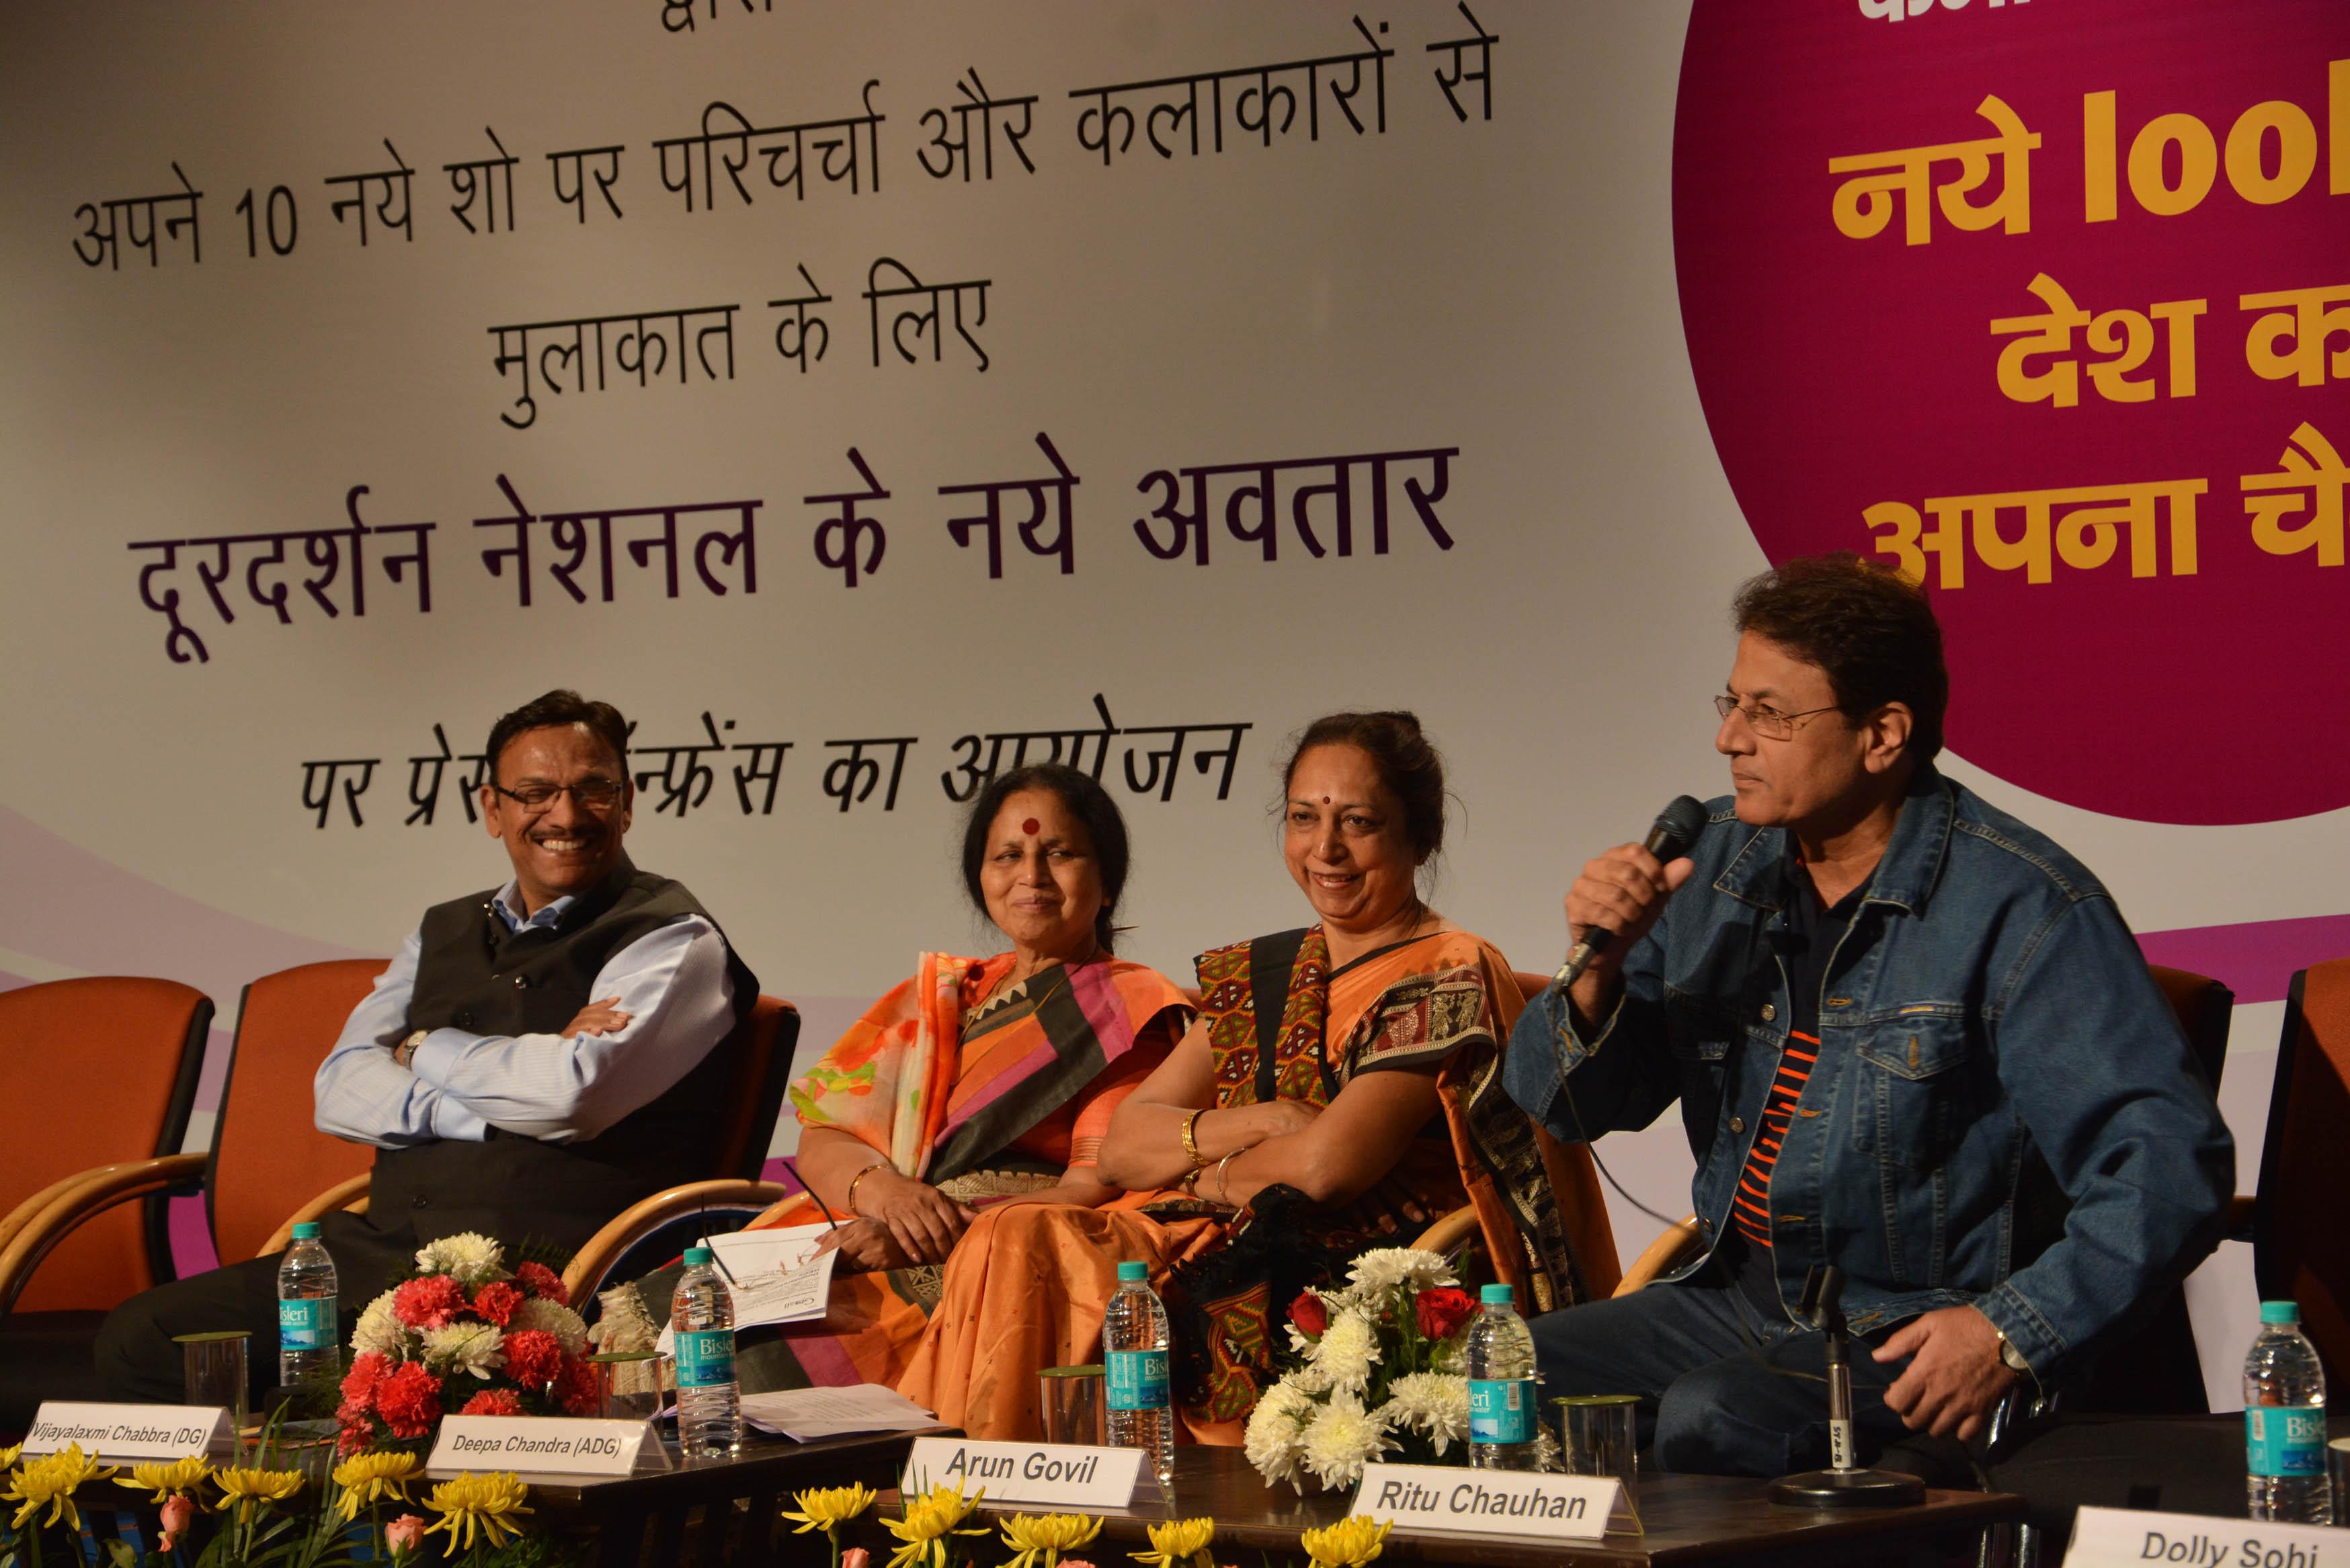 वी के जैन(पीआर और पब्लिसिटी),विजयलक्ष्मी छाबरा(डीजी दूरदर्शन),दीपा चंद्रा (एडीजी,डीडी नेशनल) और अरुण गोविल(प्रोड्यूसर,हैप्पी होम्स) - बाएं से दायें